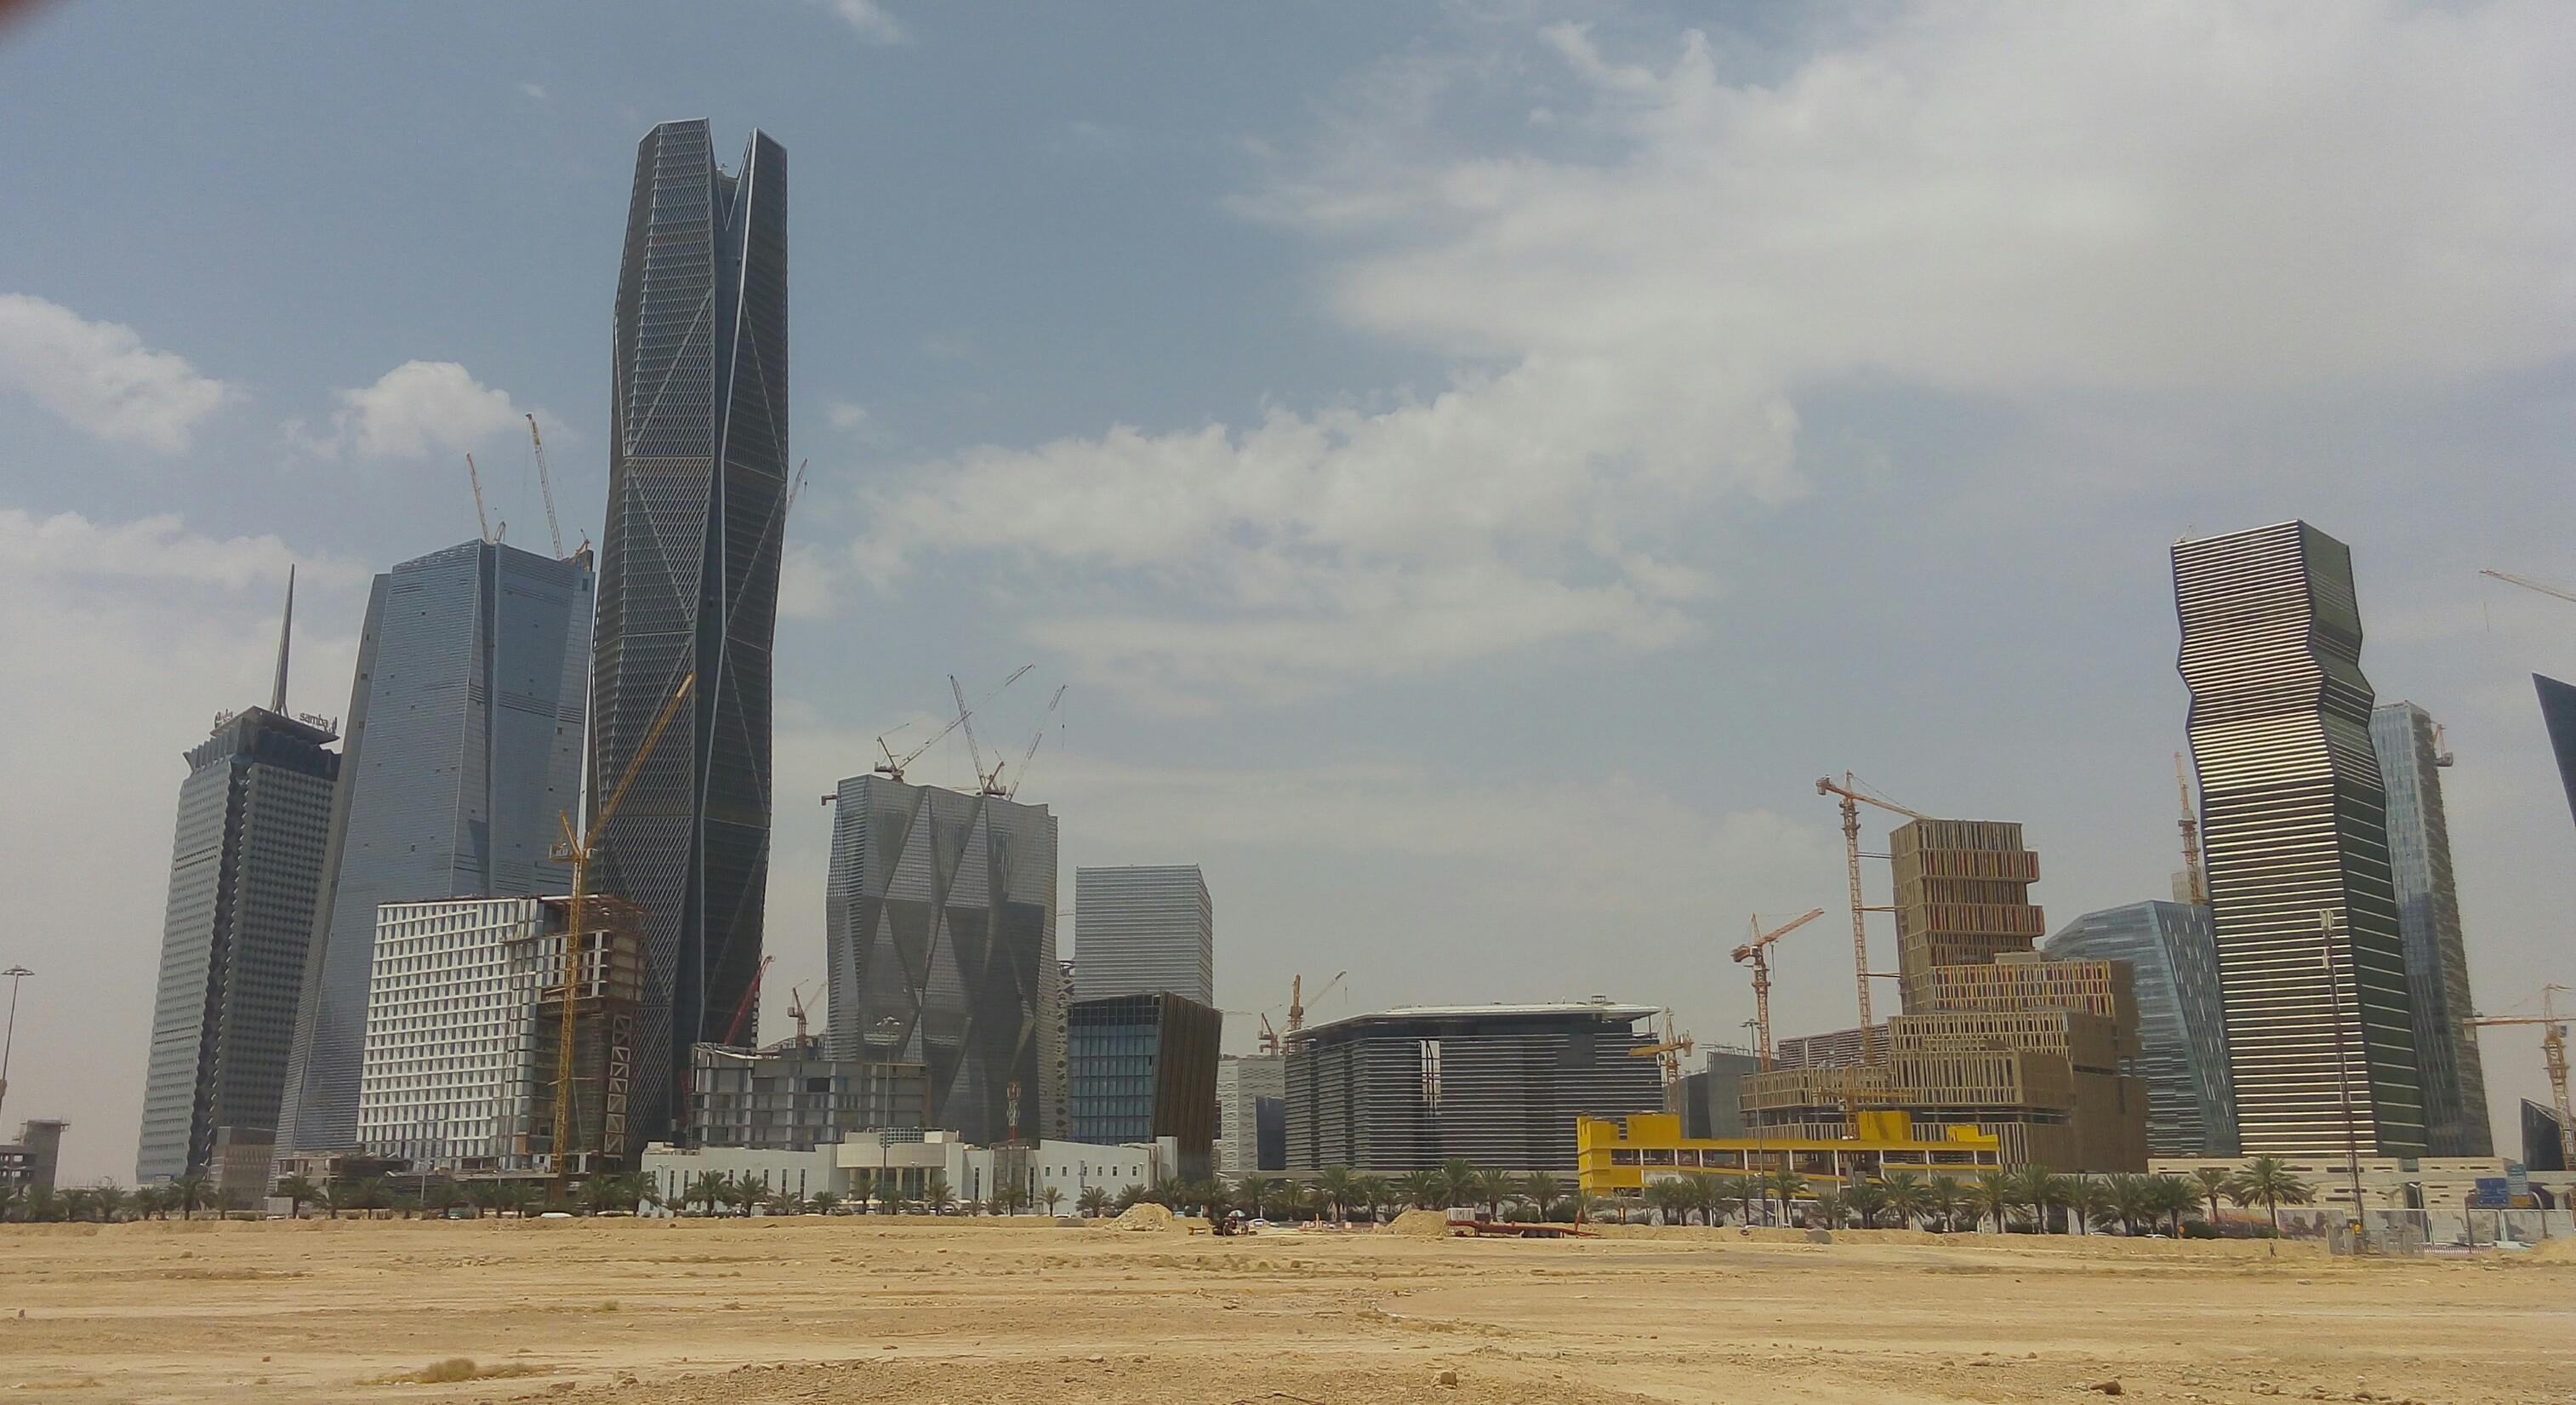 Riyadh city view photo